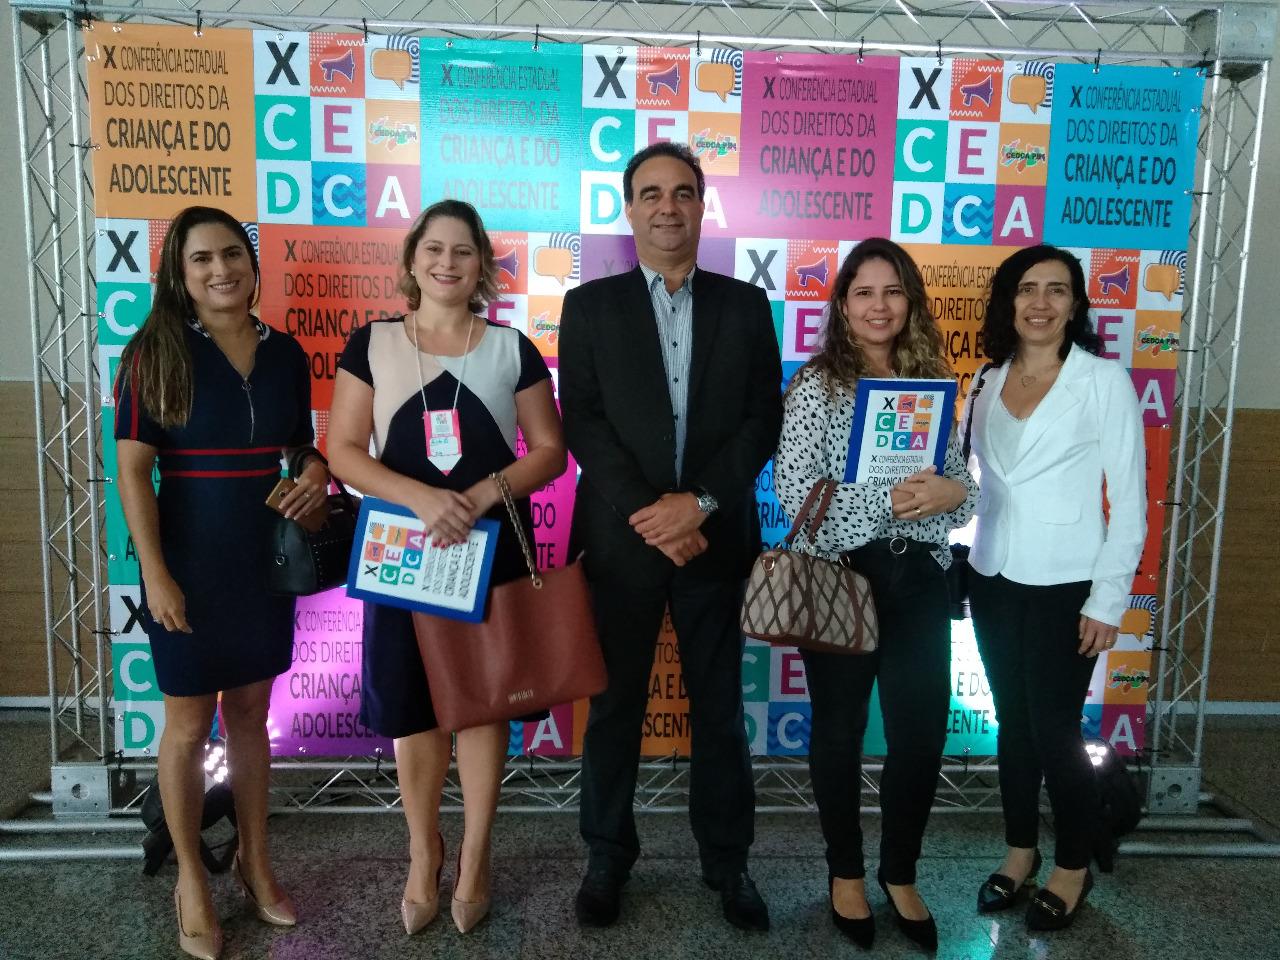 Comissão da OAB-PB participa da X Conferência Estadual dos Direitos da Criança e do Adolescente